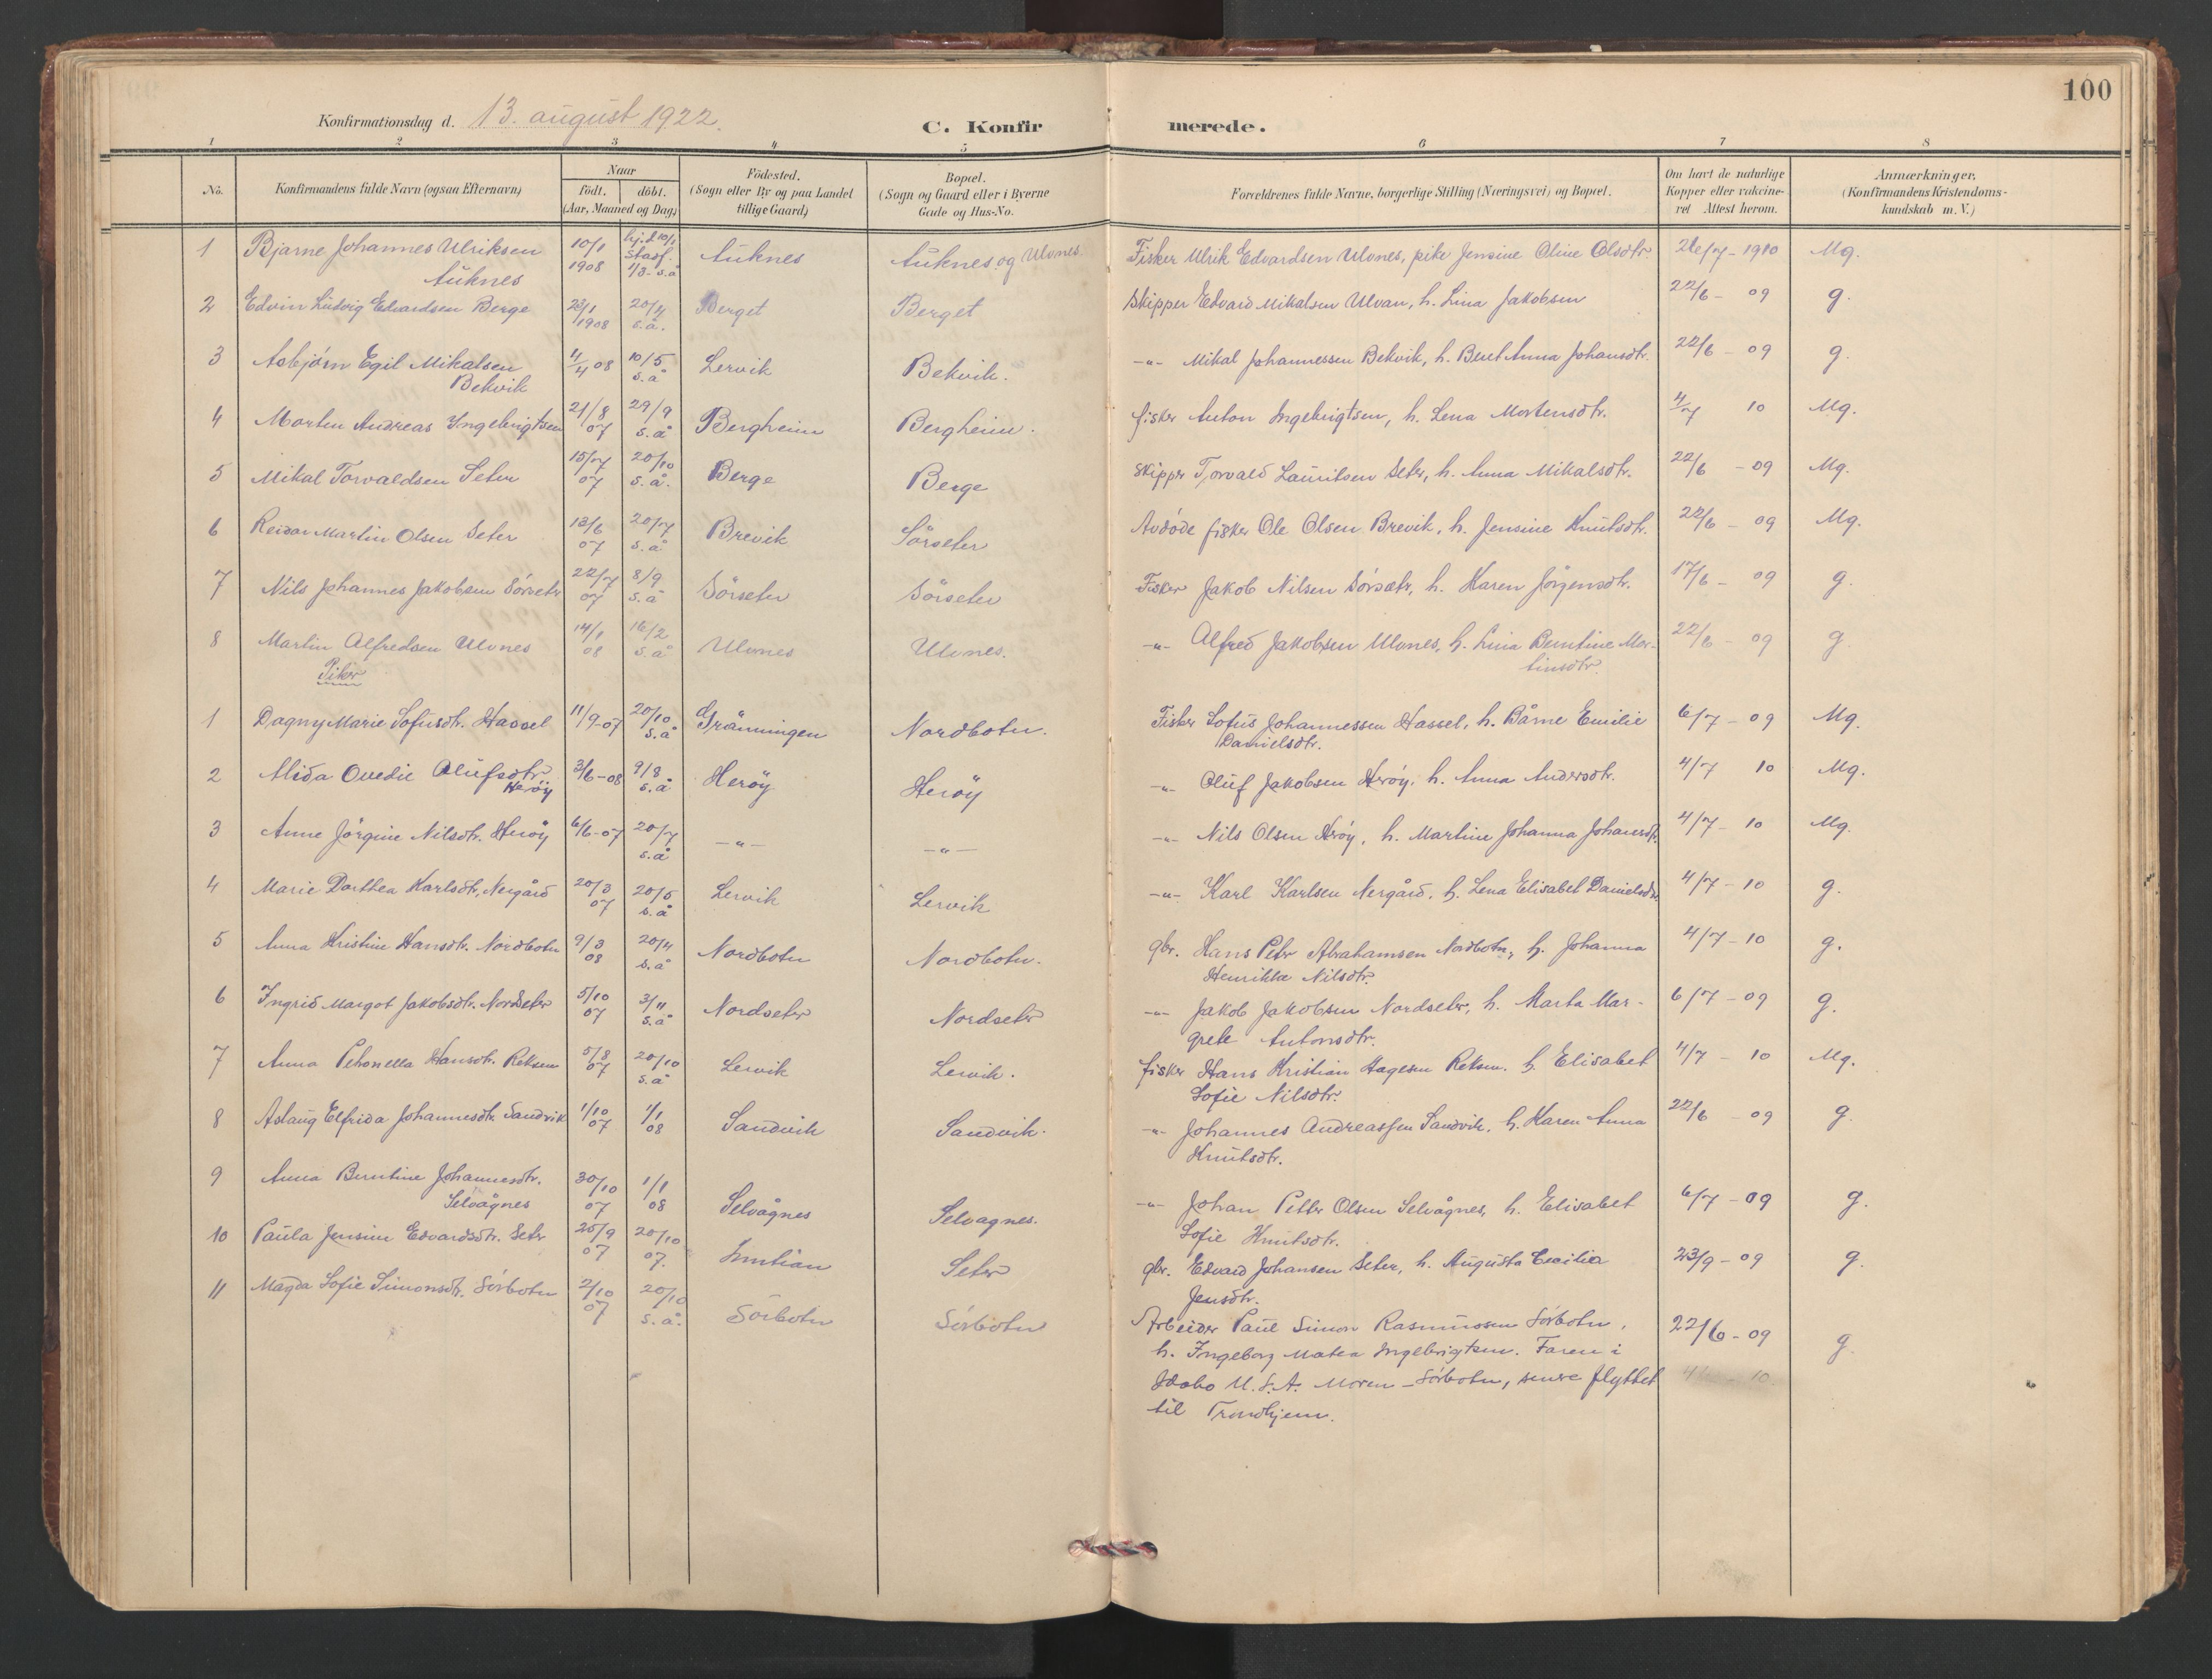 SAT, Ministerialprotokoller, klokkerbøker og fødselsregistre - Sør-Trøndelag, 638/L0571: Klokkerbok nr. 638C03, 1901-1930, s. 100